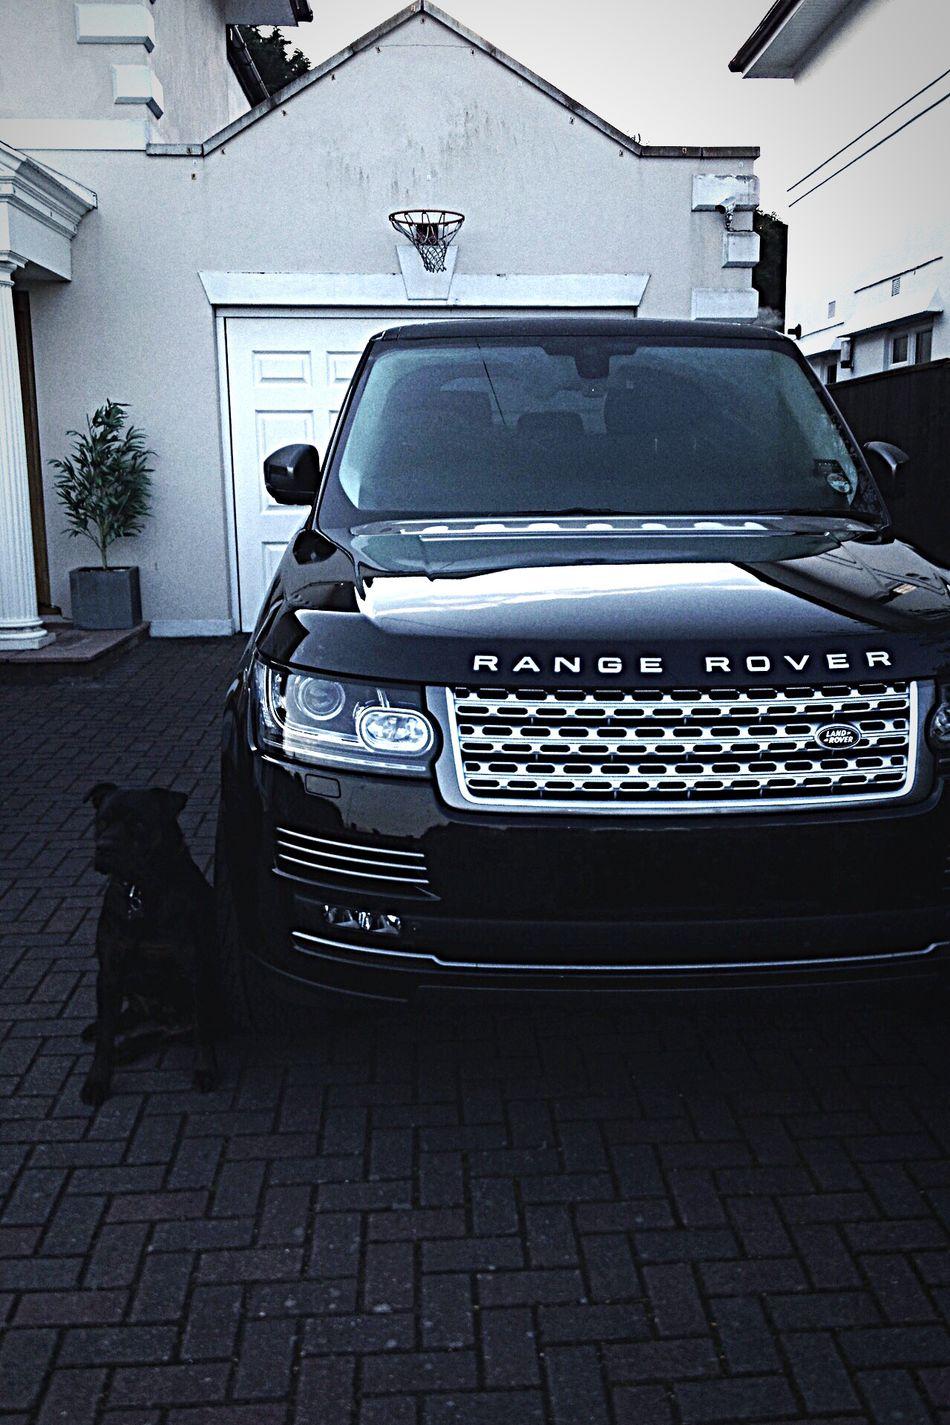 Love This car? Car Rangerover Goals Pretty Percef Soon...